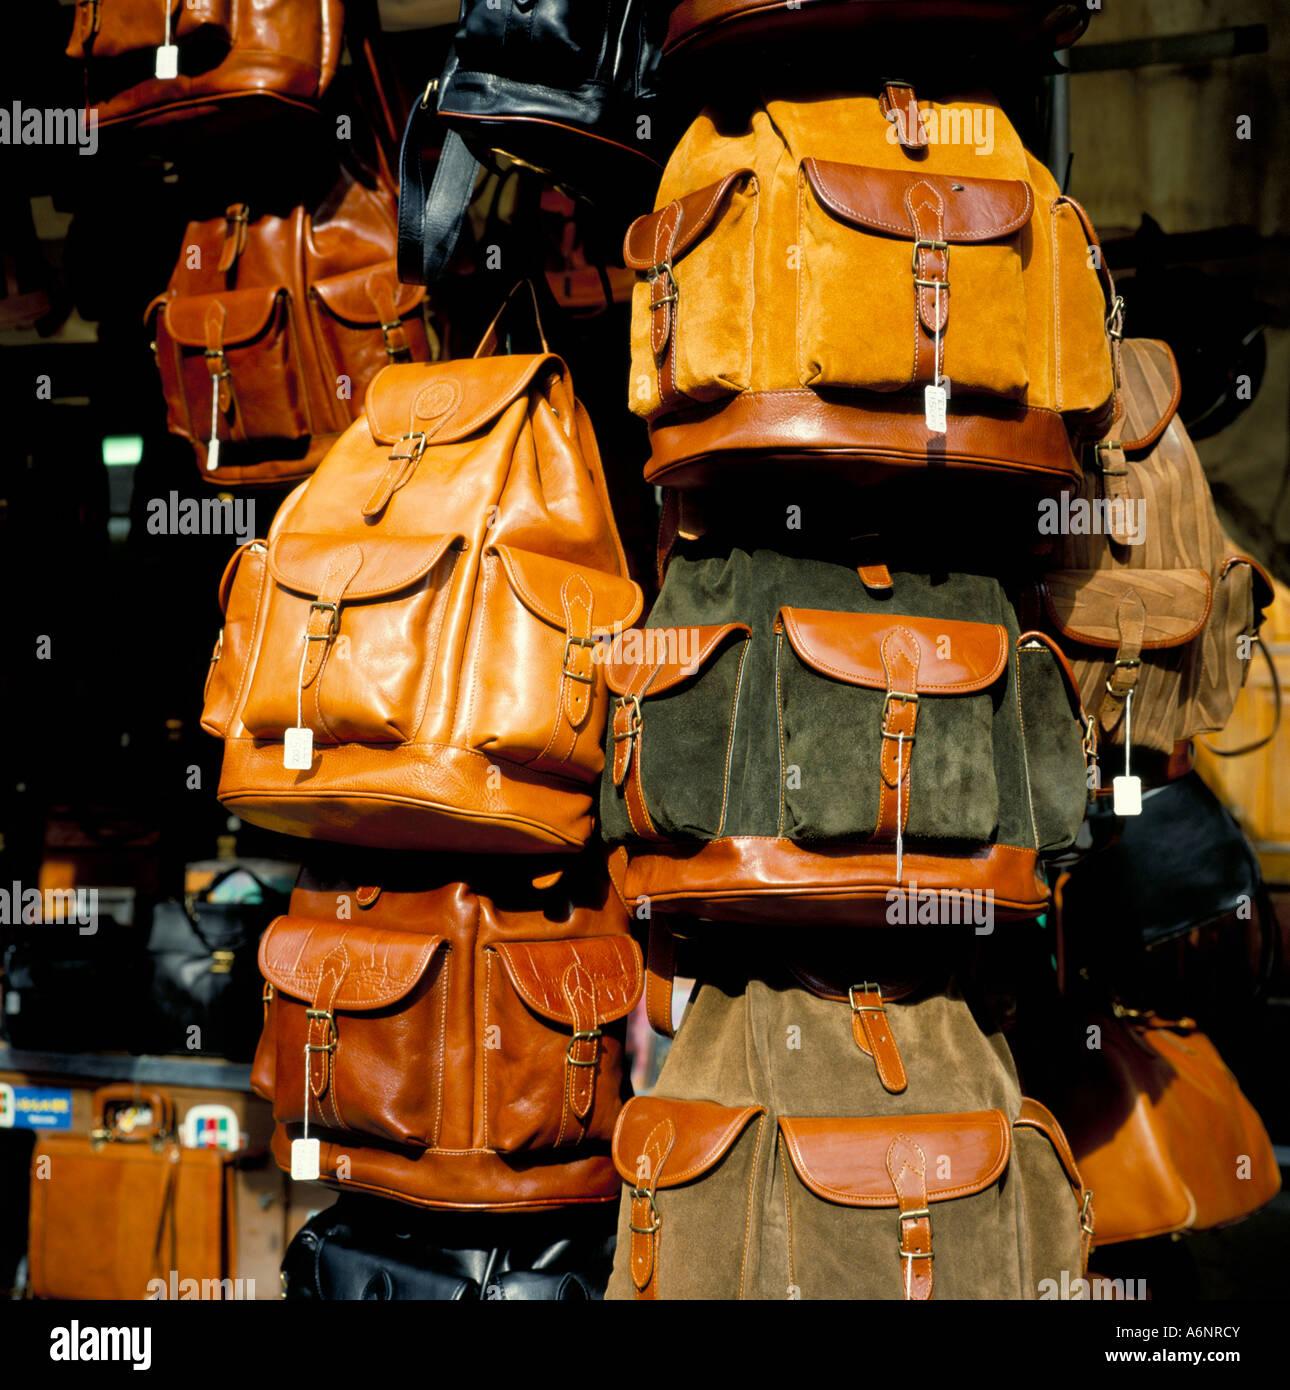 Borse in pelle per la vendita del mercato di San Lorenzo a Firenze Toscana  Italia Europa 74f72d9e3a9